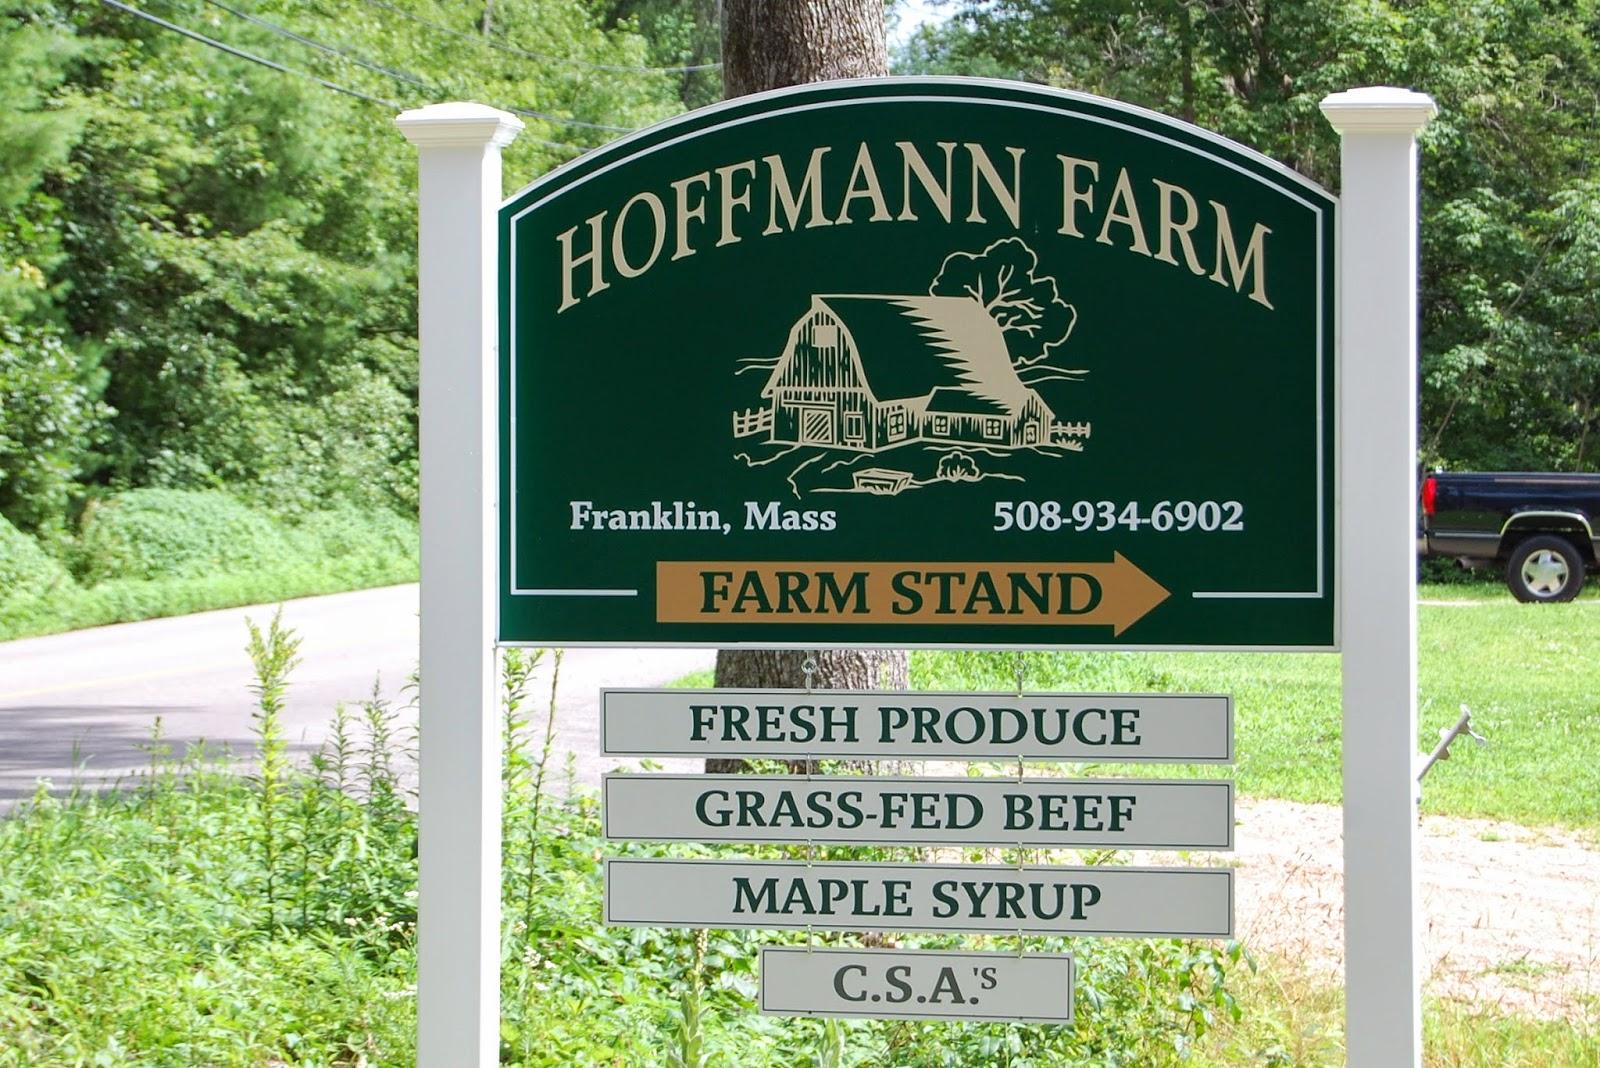 Hoffman Farm, Daniels St - Franklin